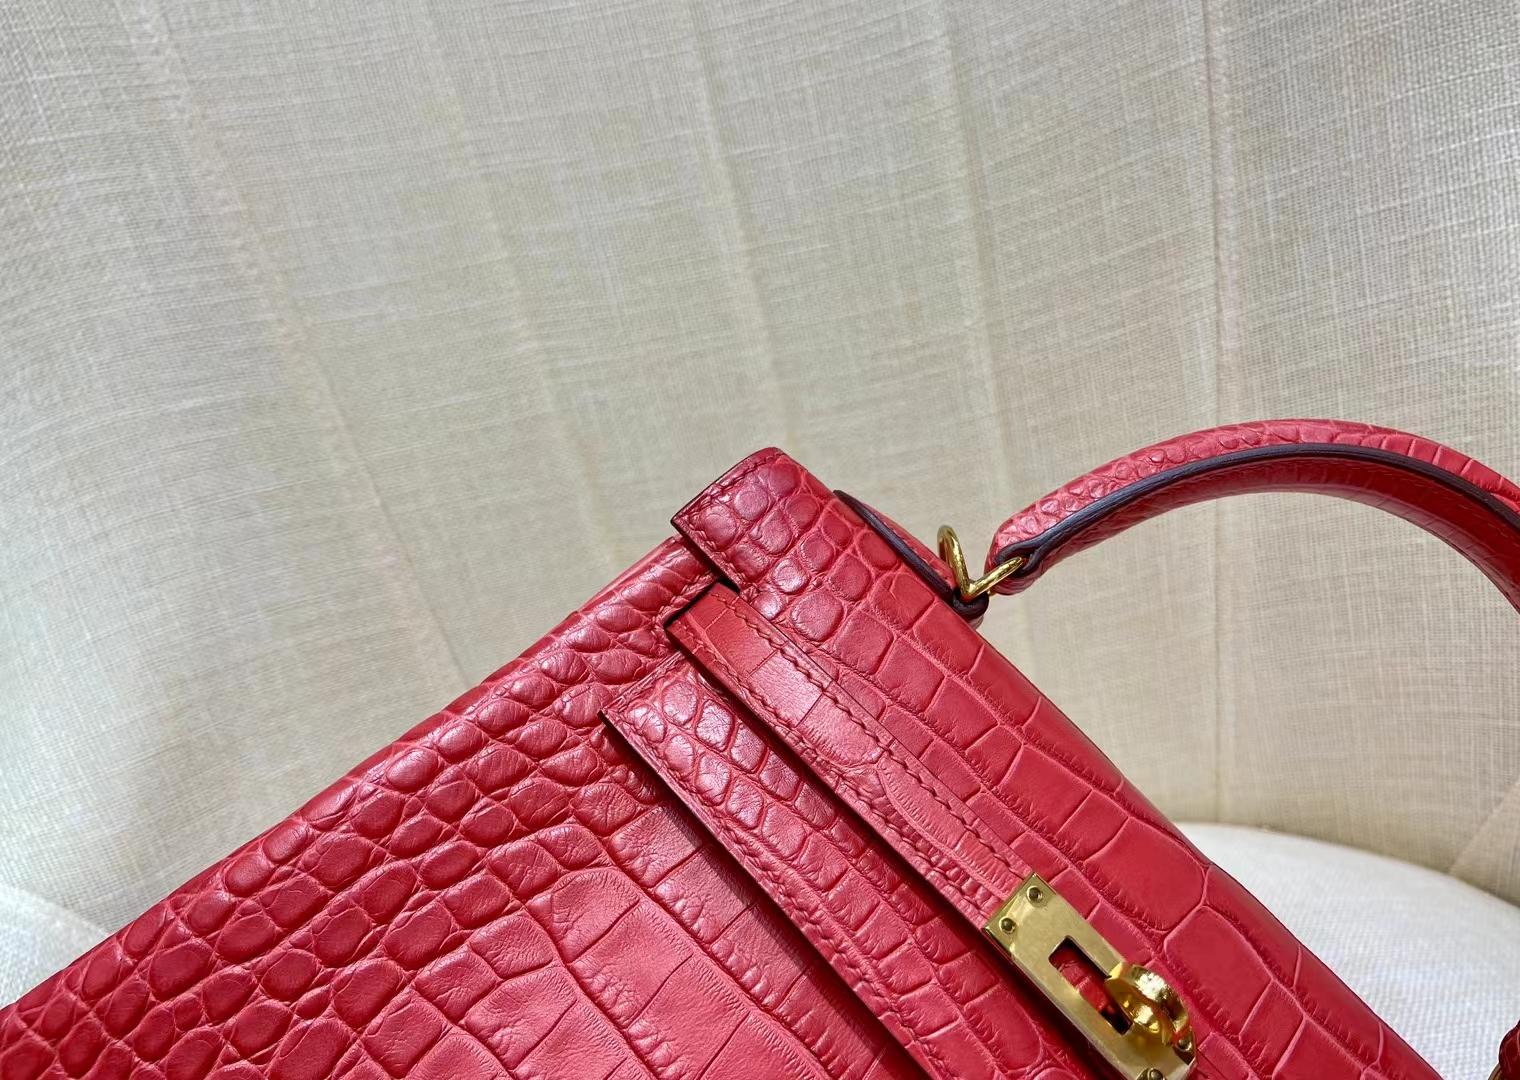 Hermès(爱马仕)Kelly 凯莉包 雾面美洲鳄 A5 杜鹃红 25cm 金扣 顶级纯手工 现货